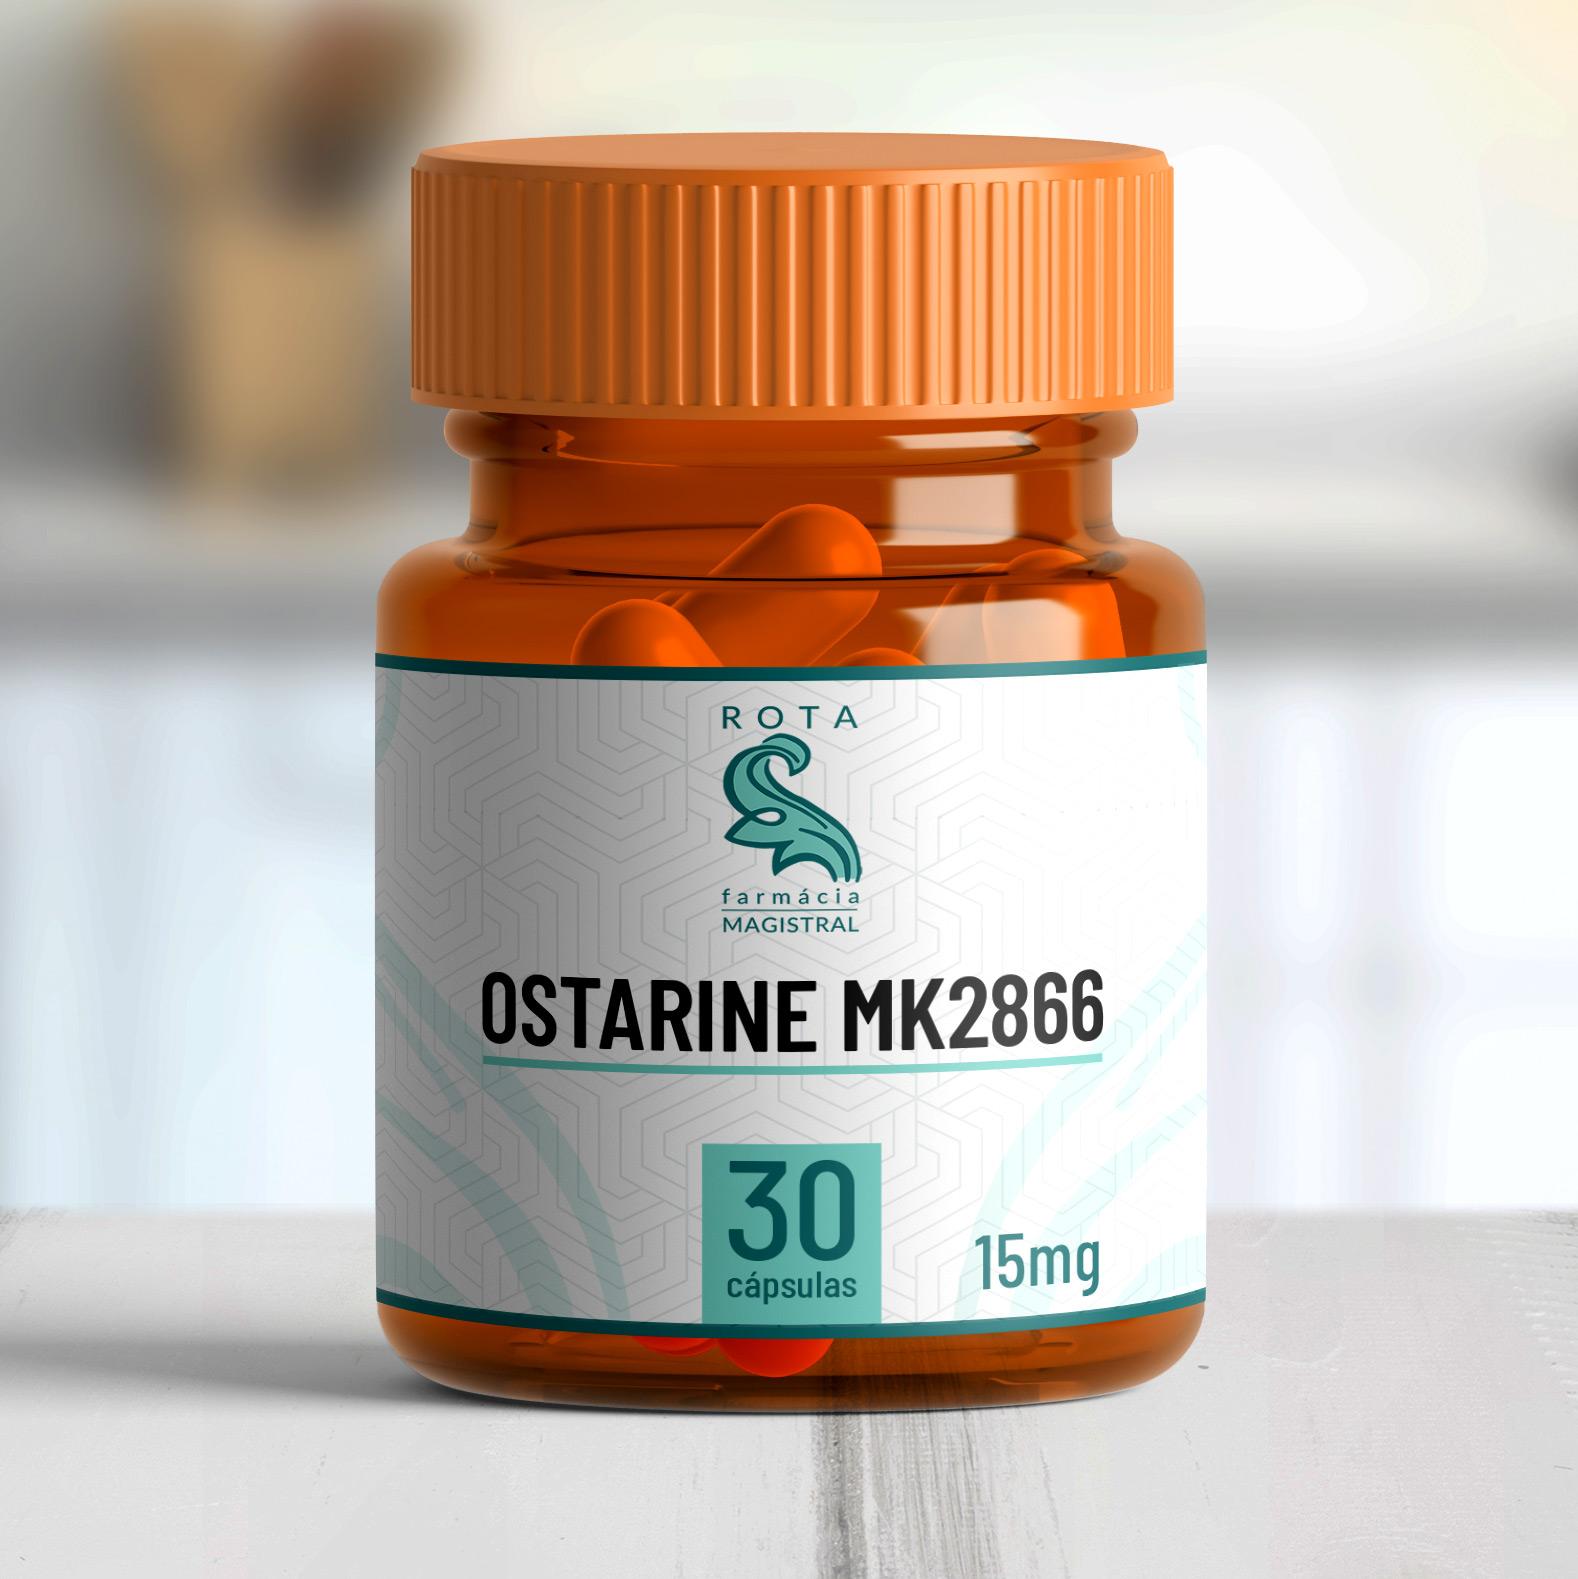 Ostarine MK2866 15mg 30 cápsulas